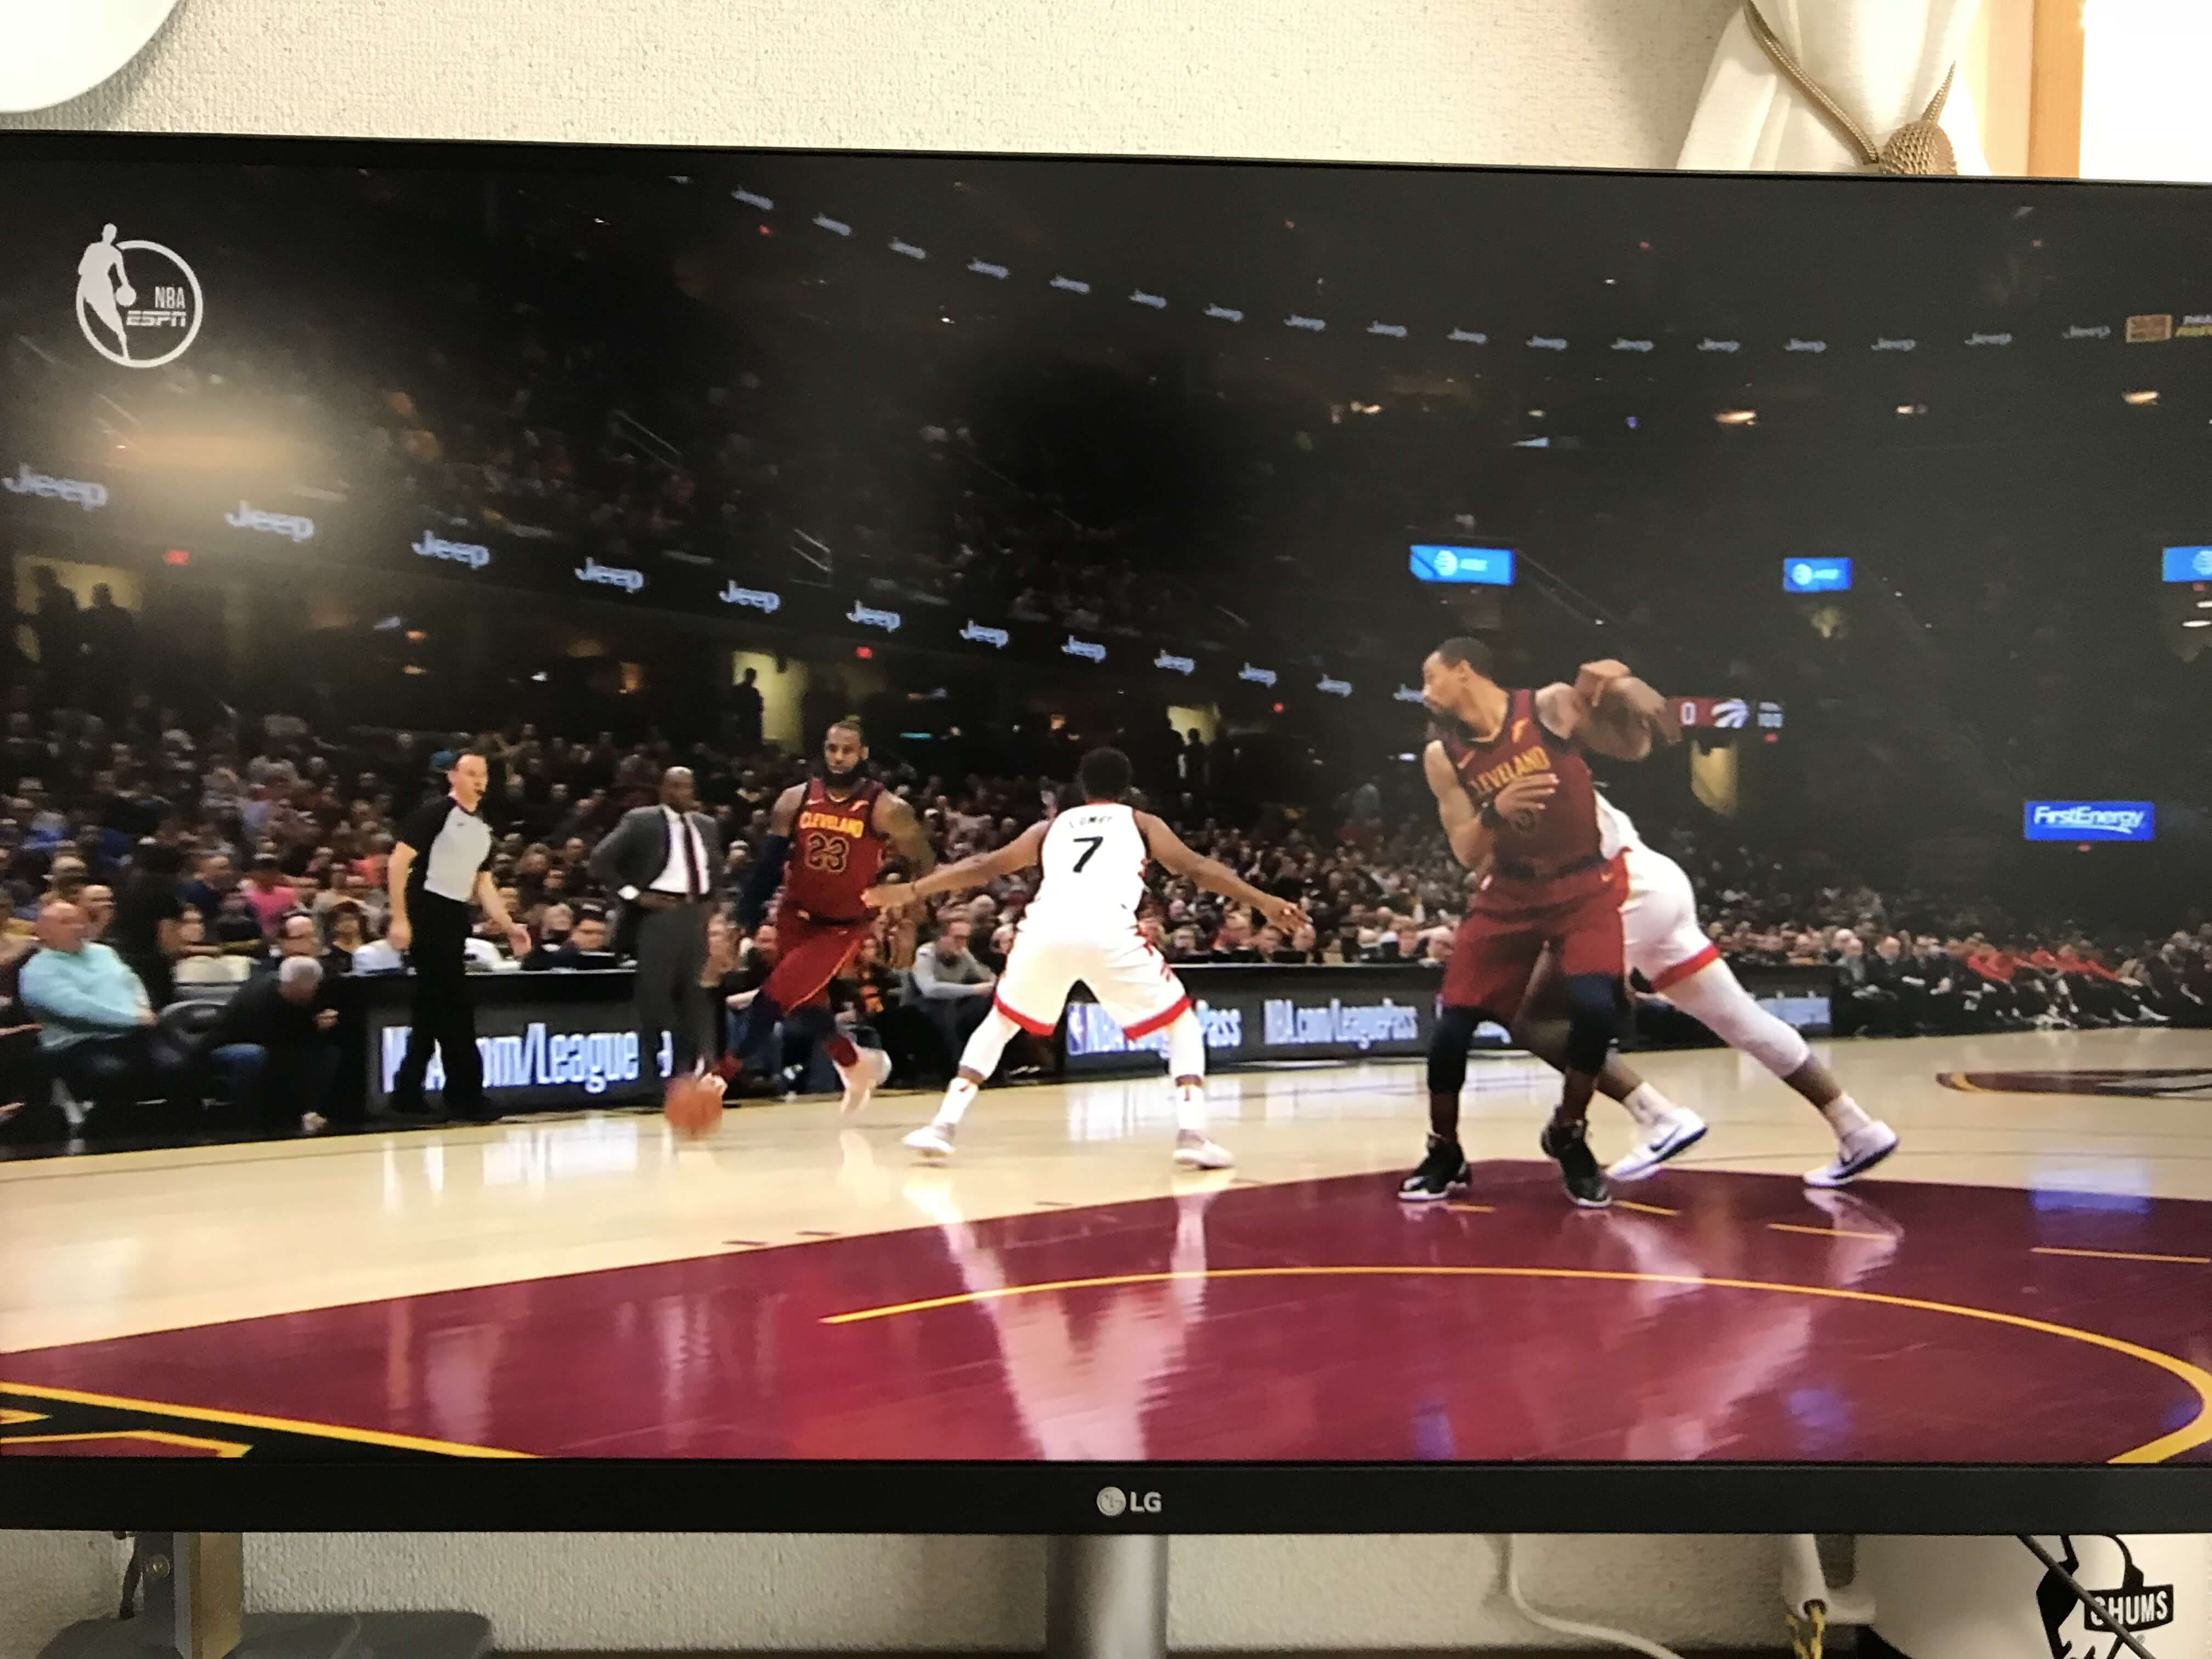 【レビュー】楽天TVのRakuten NBA Specialを無料トライアルで試してみた感想まとめ!